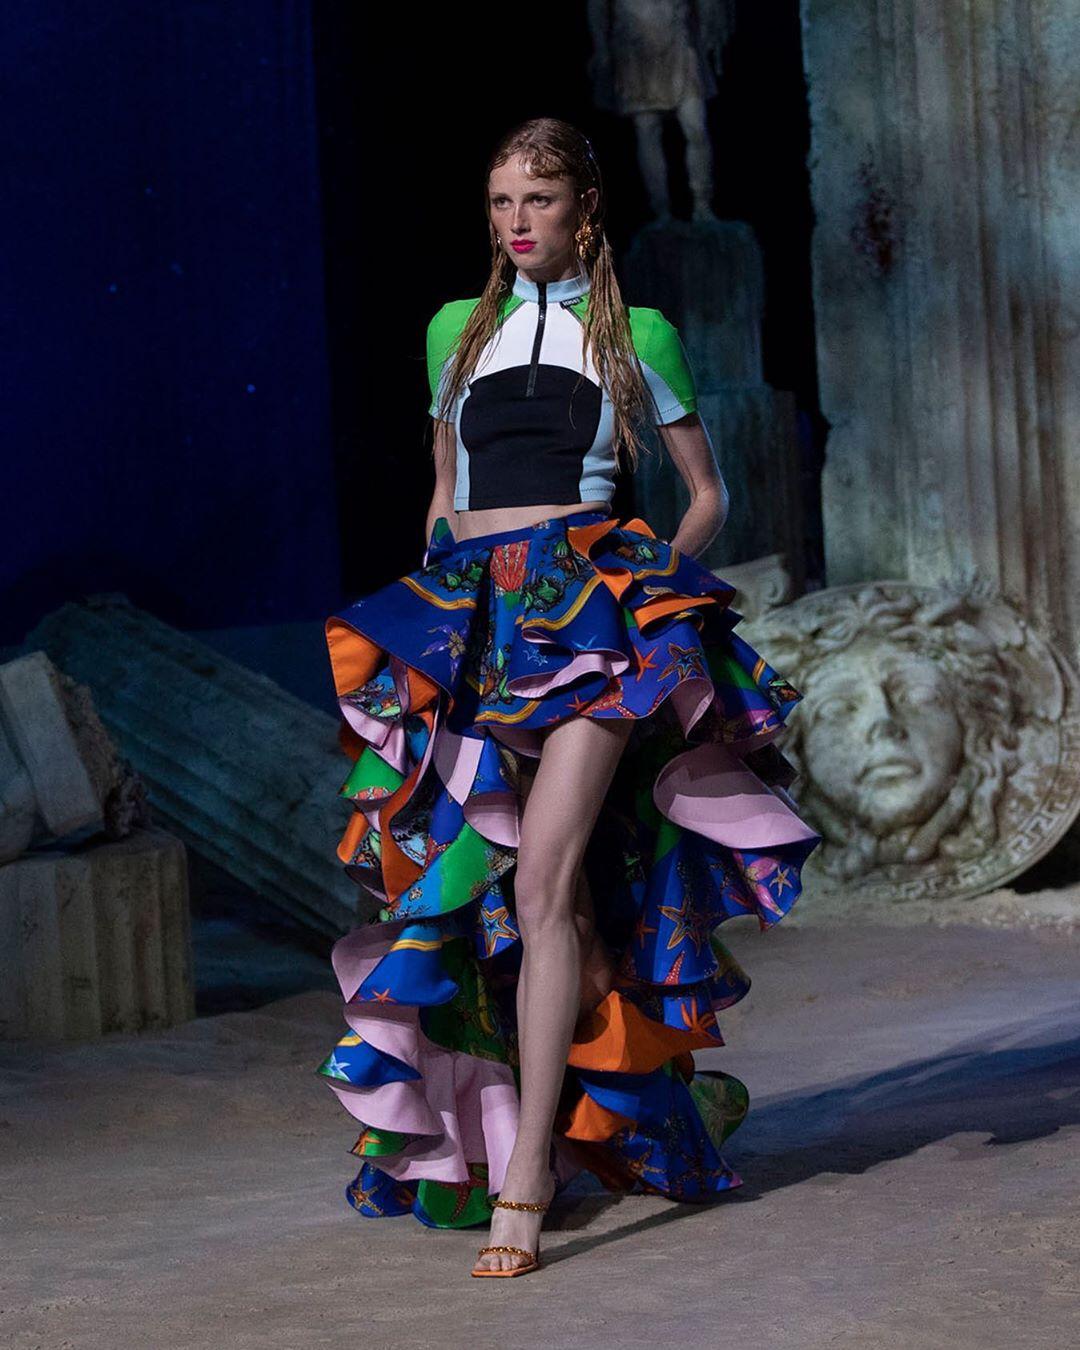 versace fashion: 8